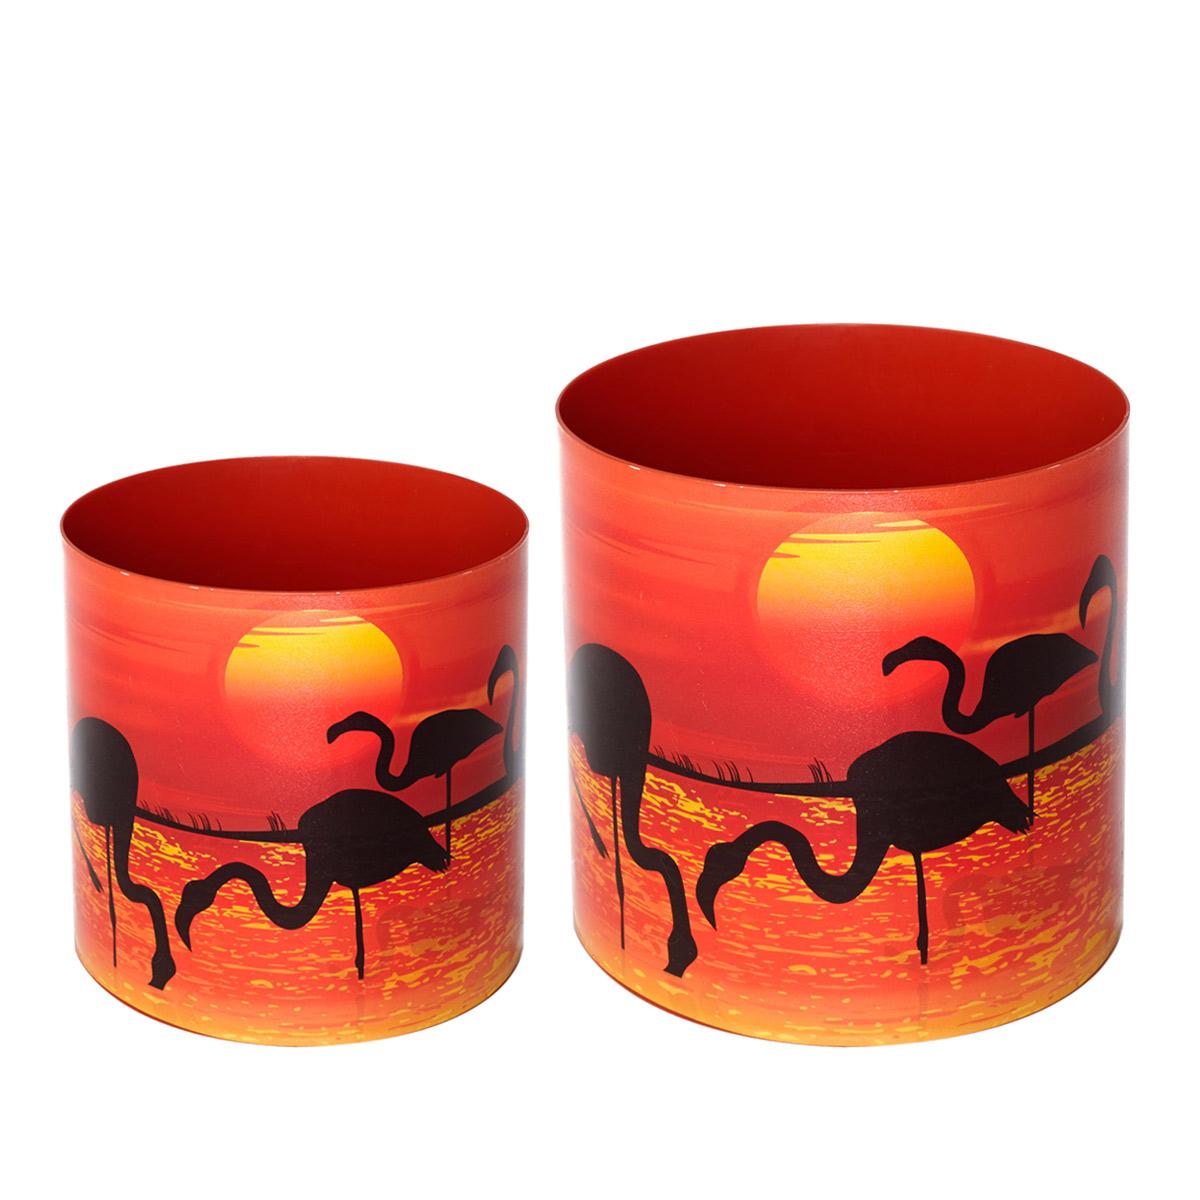 Набор горшков для цветов Miolla Фламинго, со скрытым поддоном, 2 предметаSMG-SET2Набор Miolla Фламинго состоит из 2 горшков со скрытыми поддонами. Горшки выполнены из пластика и декорированы красочным рисунком. Изделия предназначены для цветов. Изделия оснащены специальными скрытыми поддонами. Объем горшков: 1 л, 1,7 л.